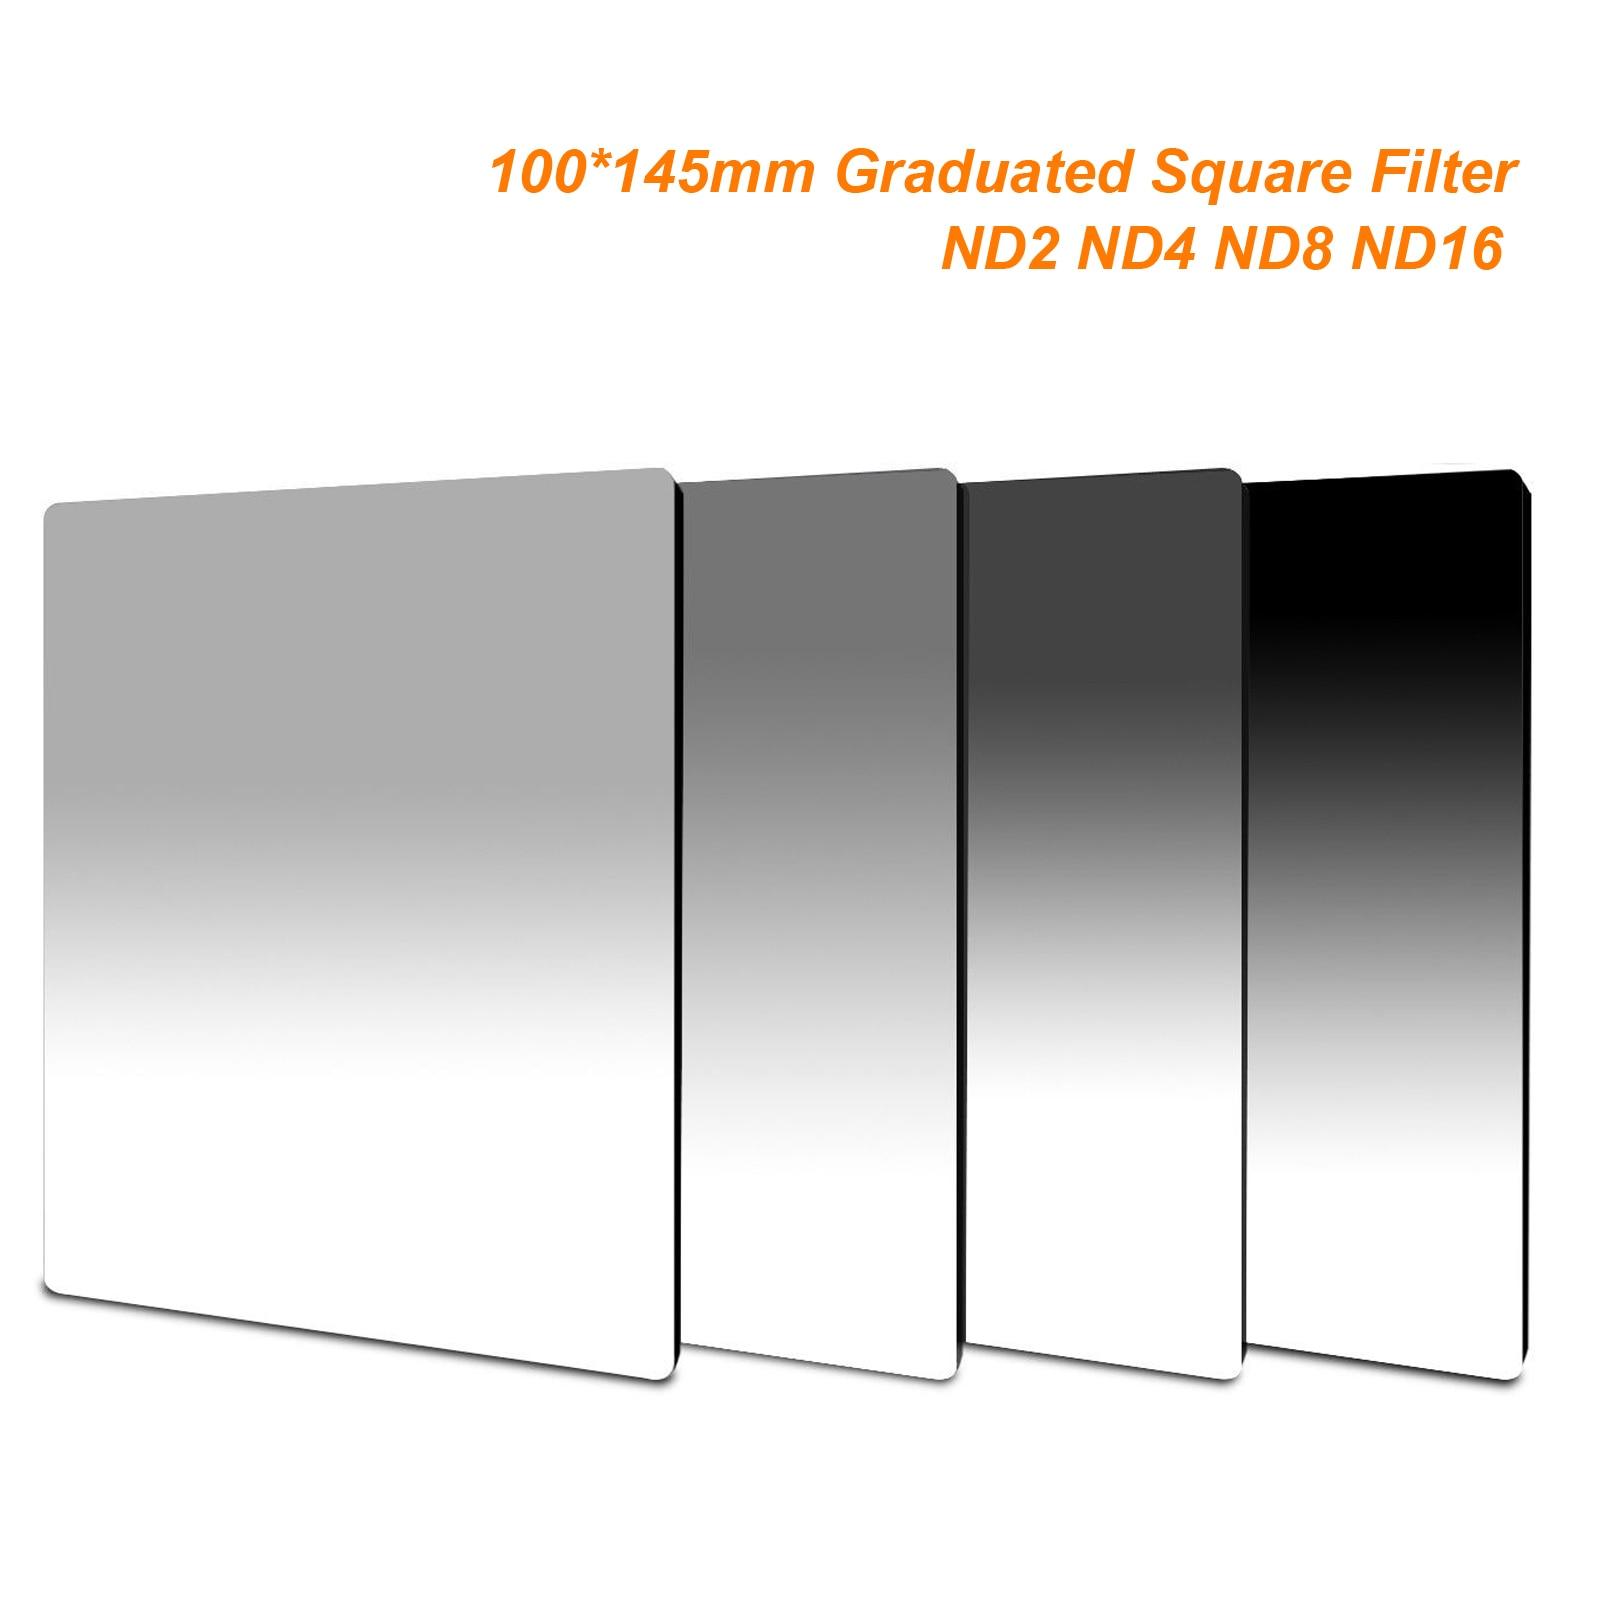 Densidade neutra graduada 100*145mm do nd2 nd4 nd8 nd16 de 100mm x 145mm filtro quadrado para a série de lee cokin z